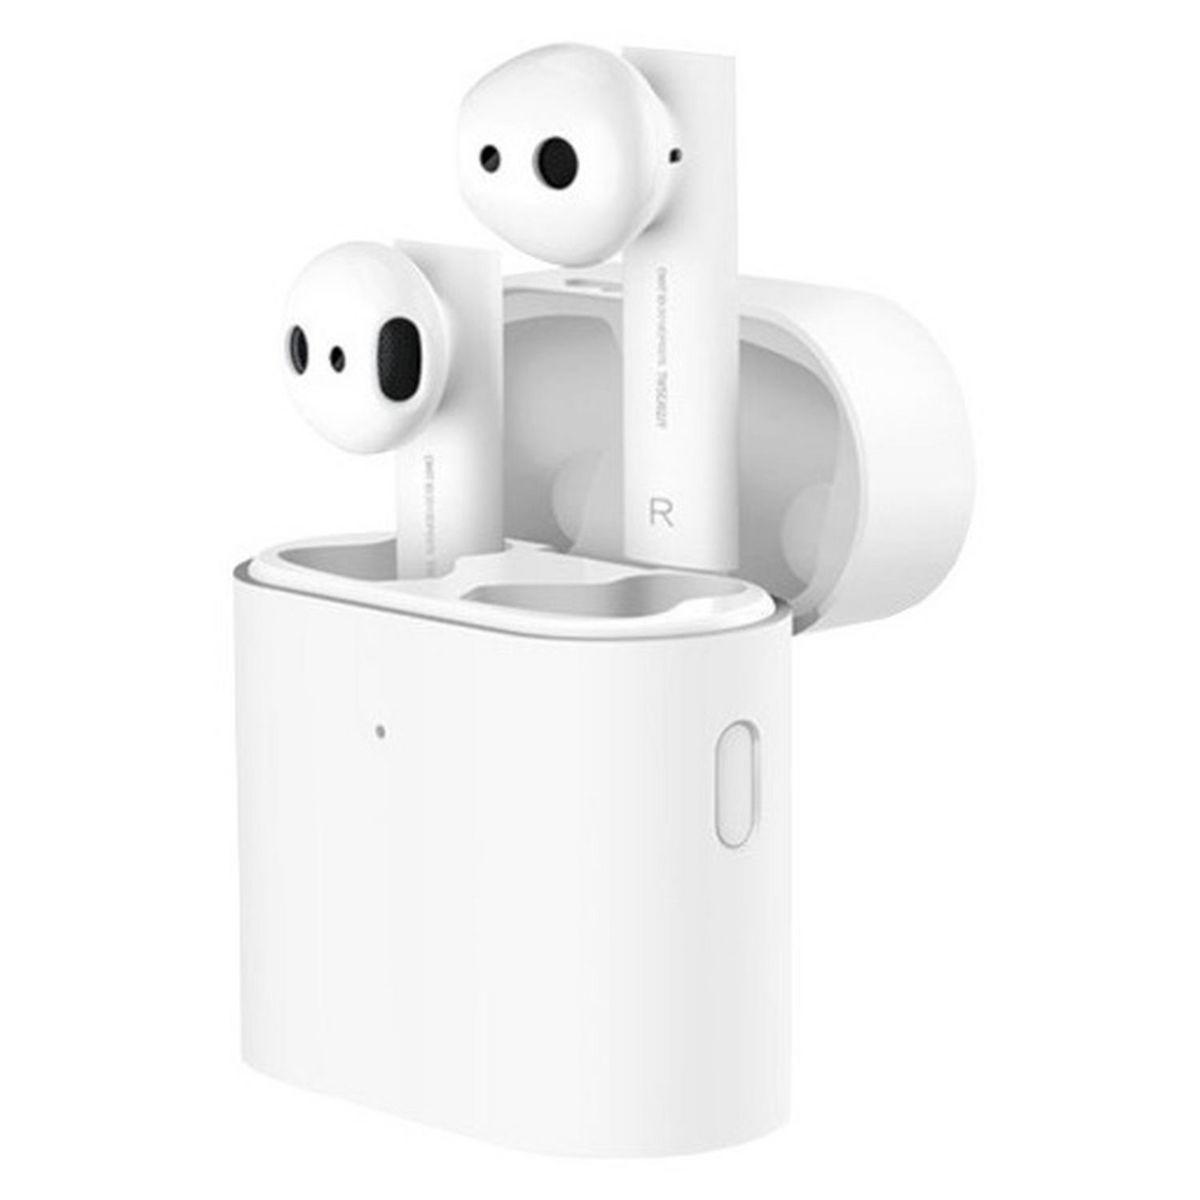 Écouteurs Bluetooth Mi True Wireless Earphones 2 avec étui de recharge - Blanc